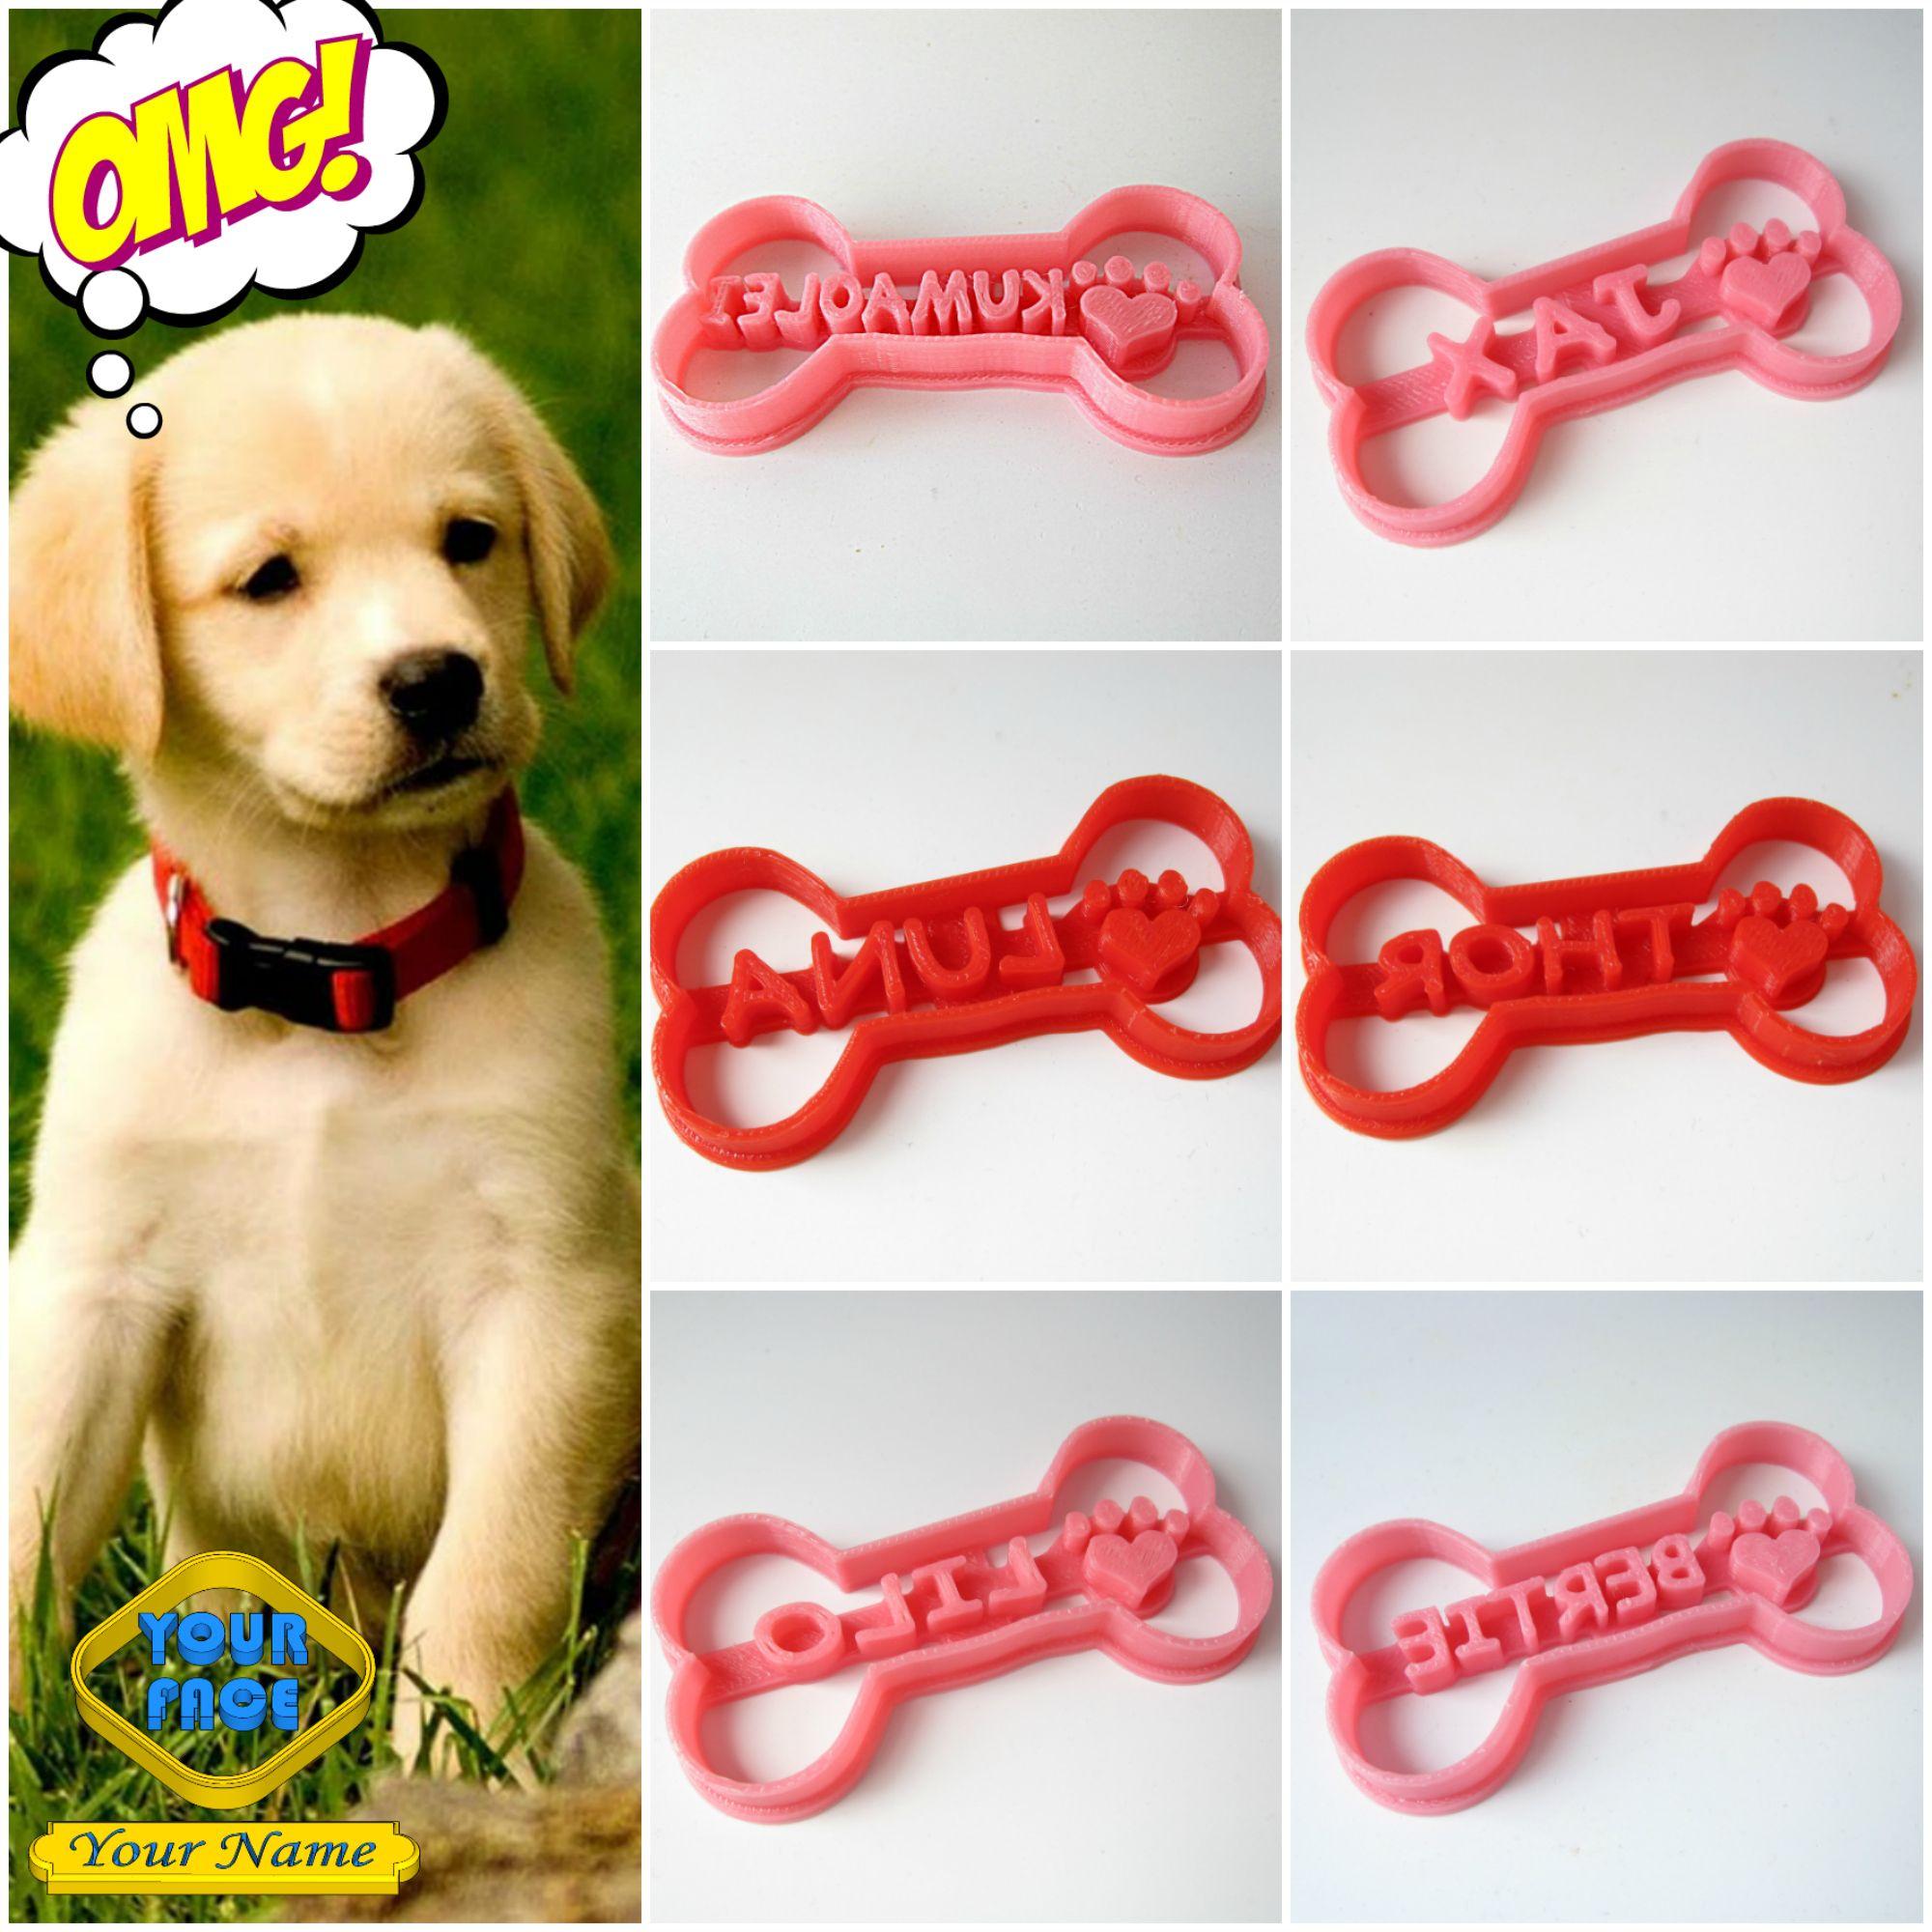 Dog Bone Custom Cookie Cutter Fondant Cutter Stamp Diy Dog Treat